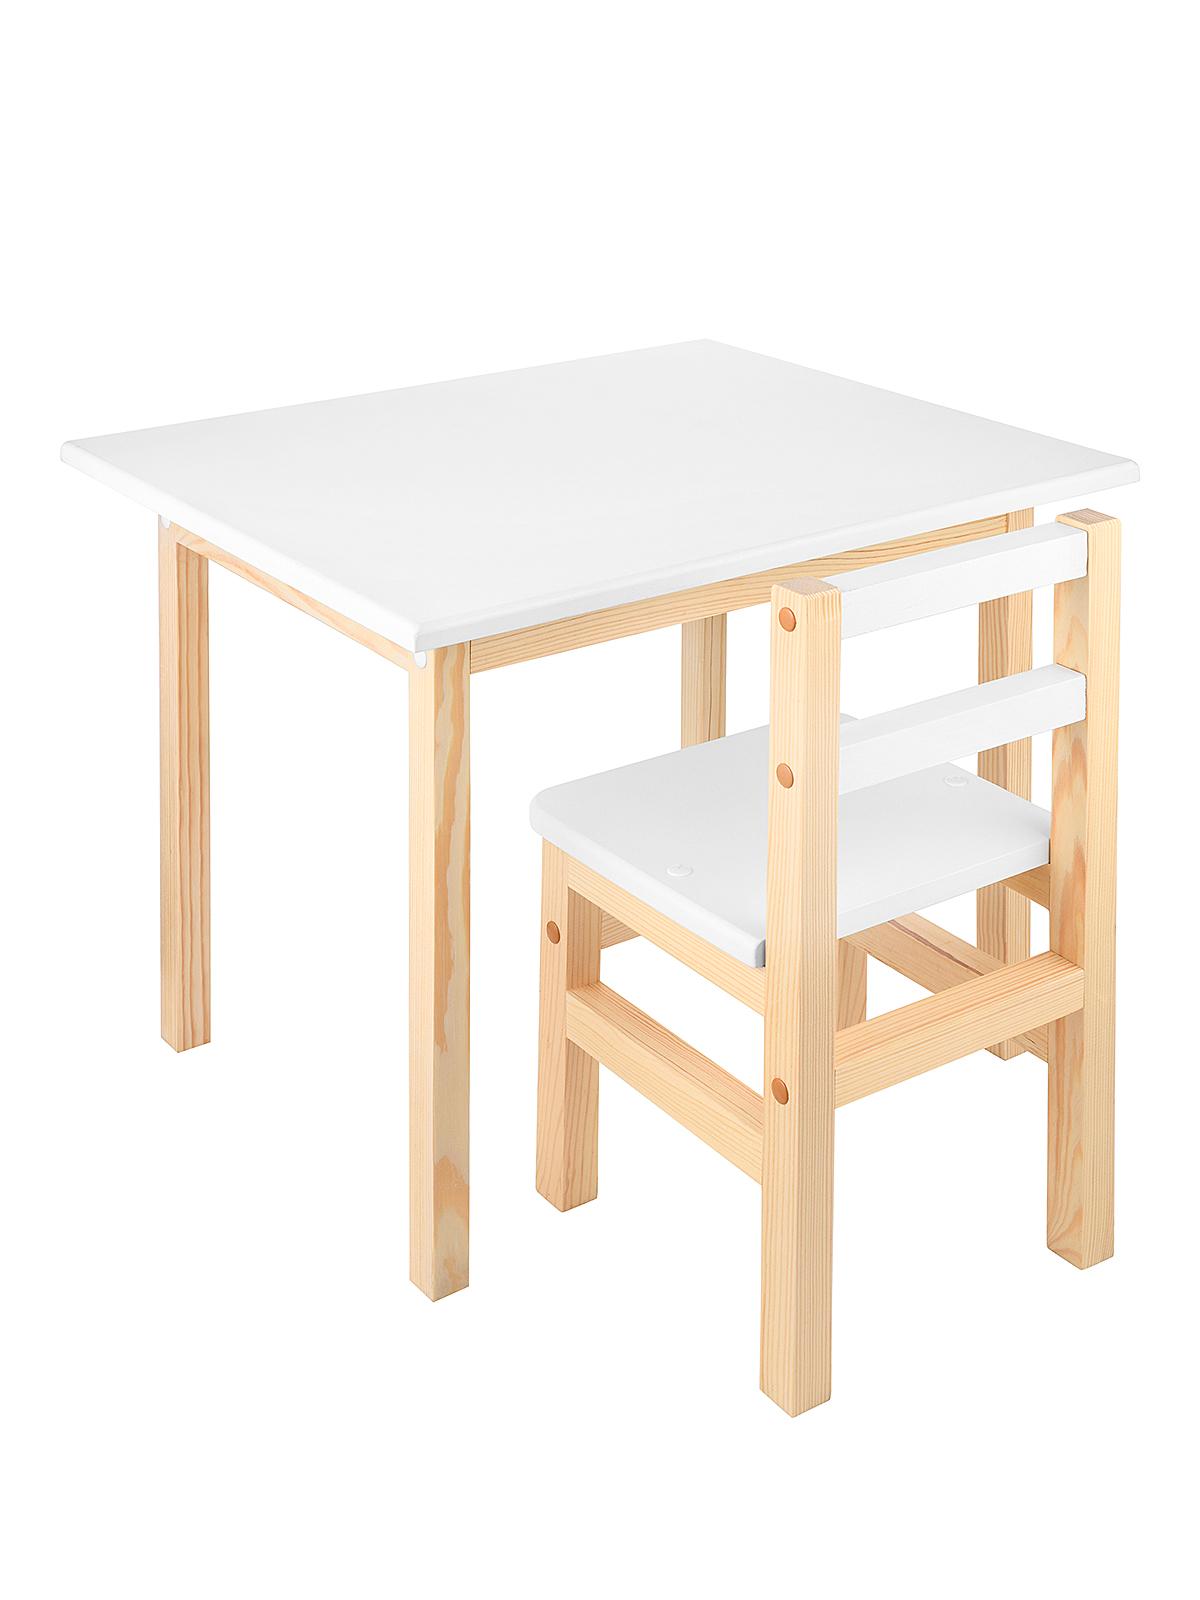 Комплект KETT-UP детский  стол+стул ECO ОДУВАНЧИК 50*60см, натур/белый KU076.4